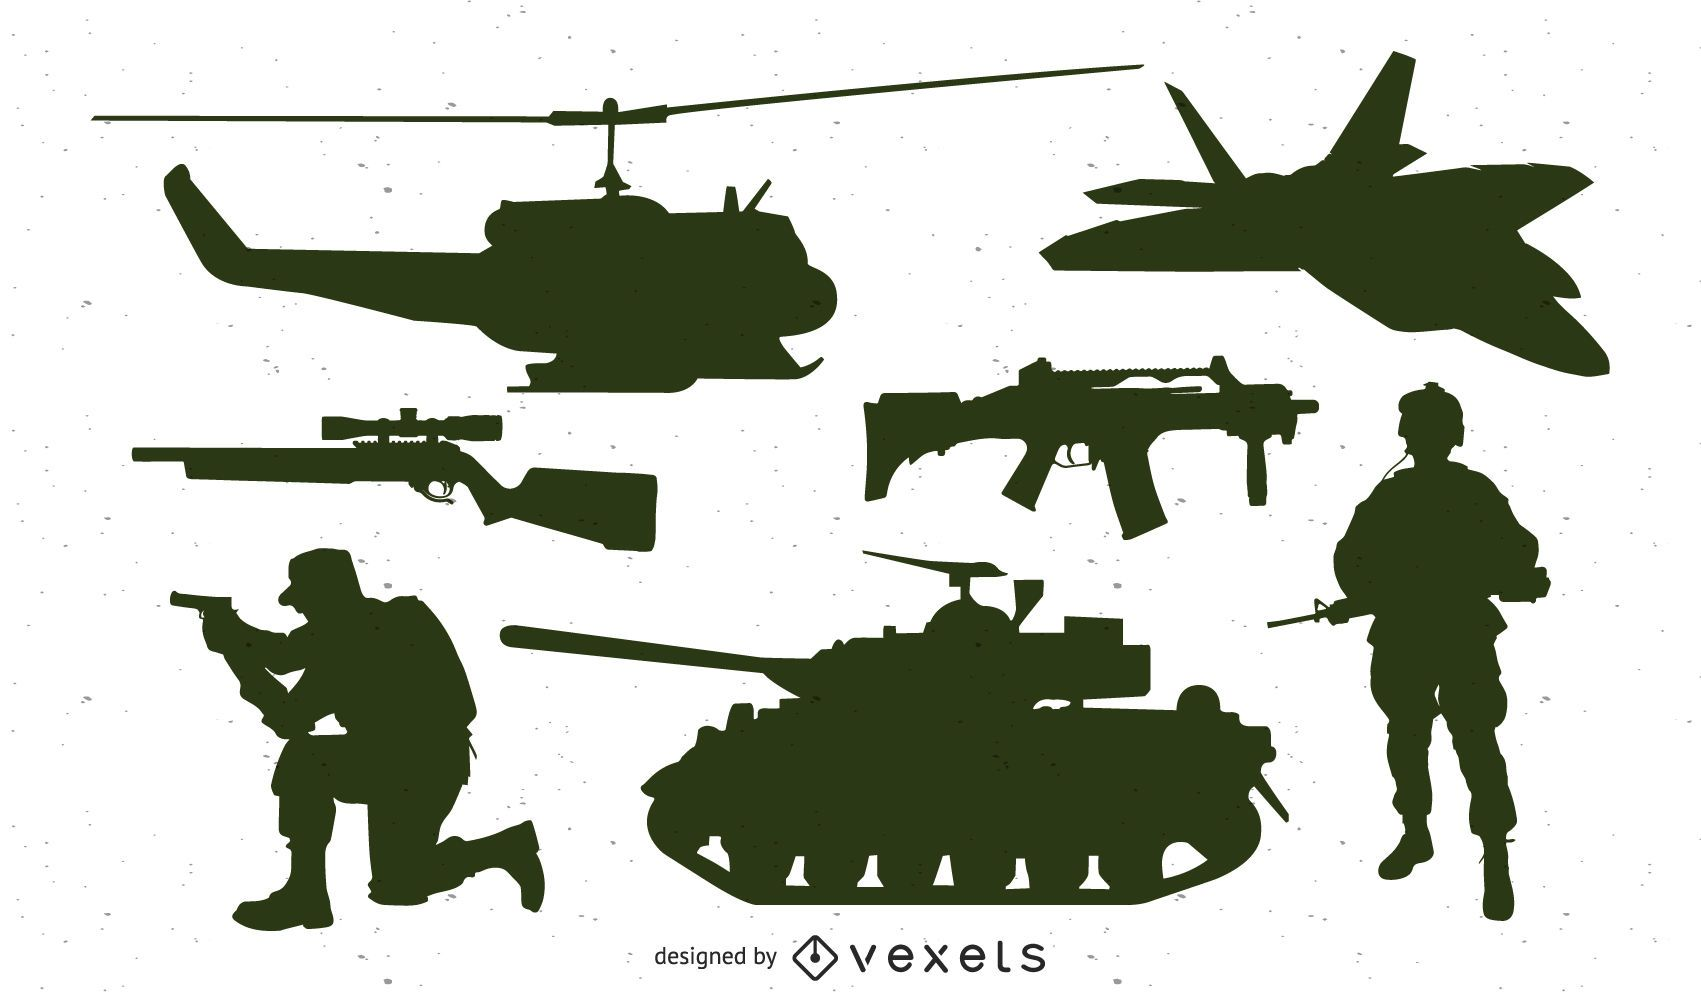 Paquete de silueta de unidades militares